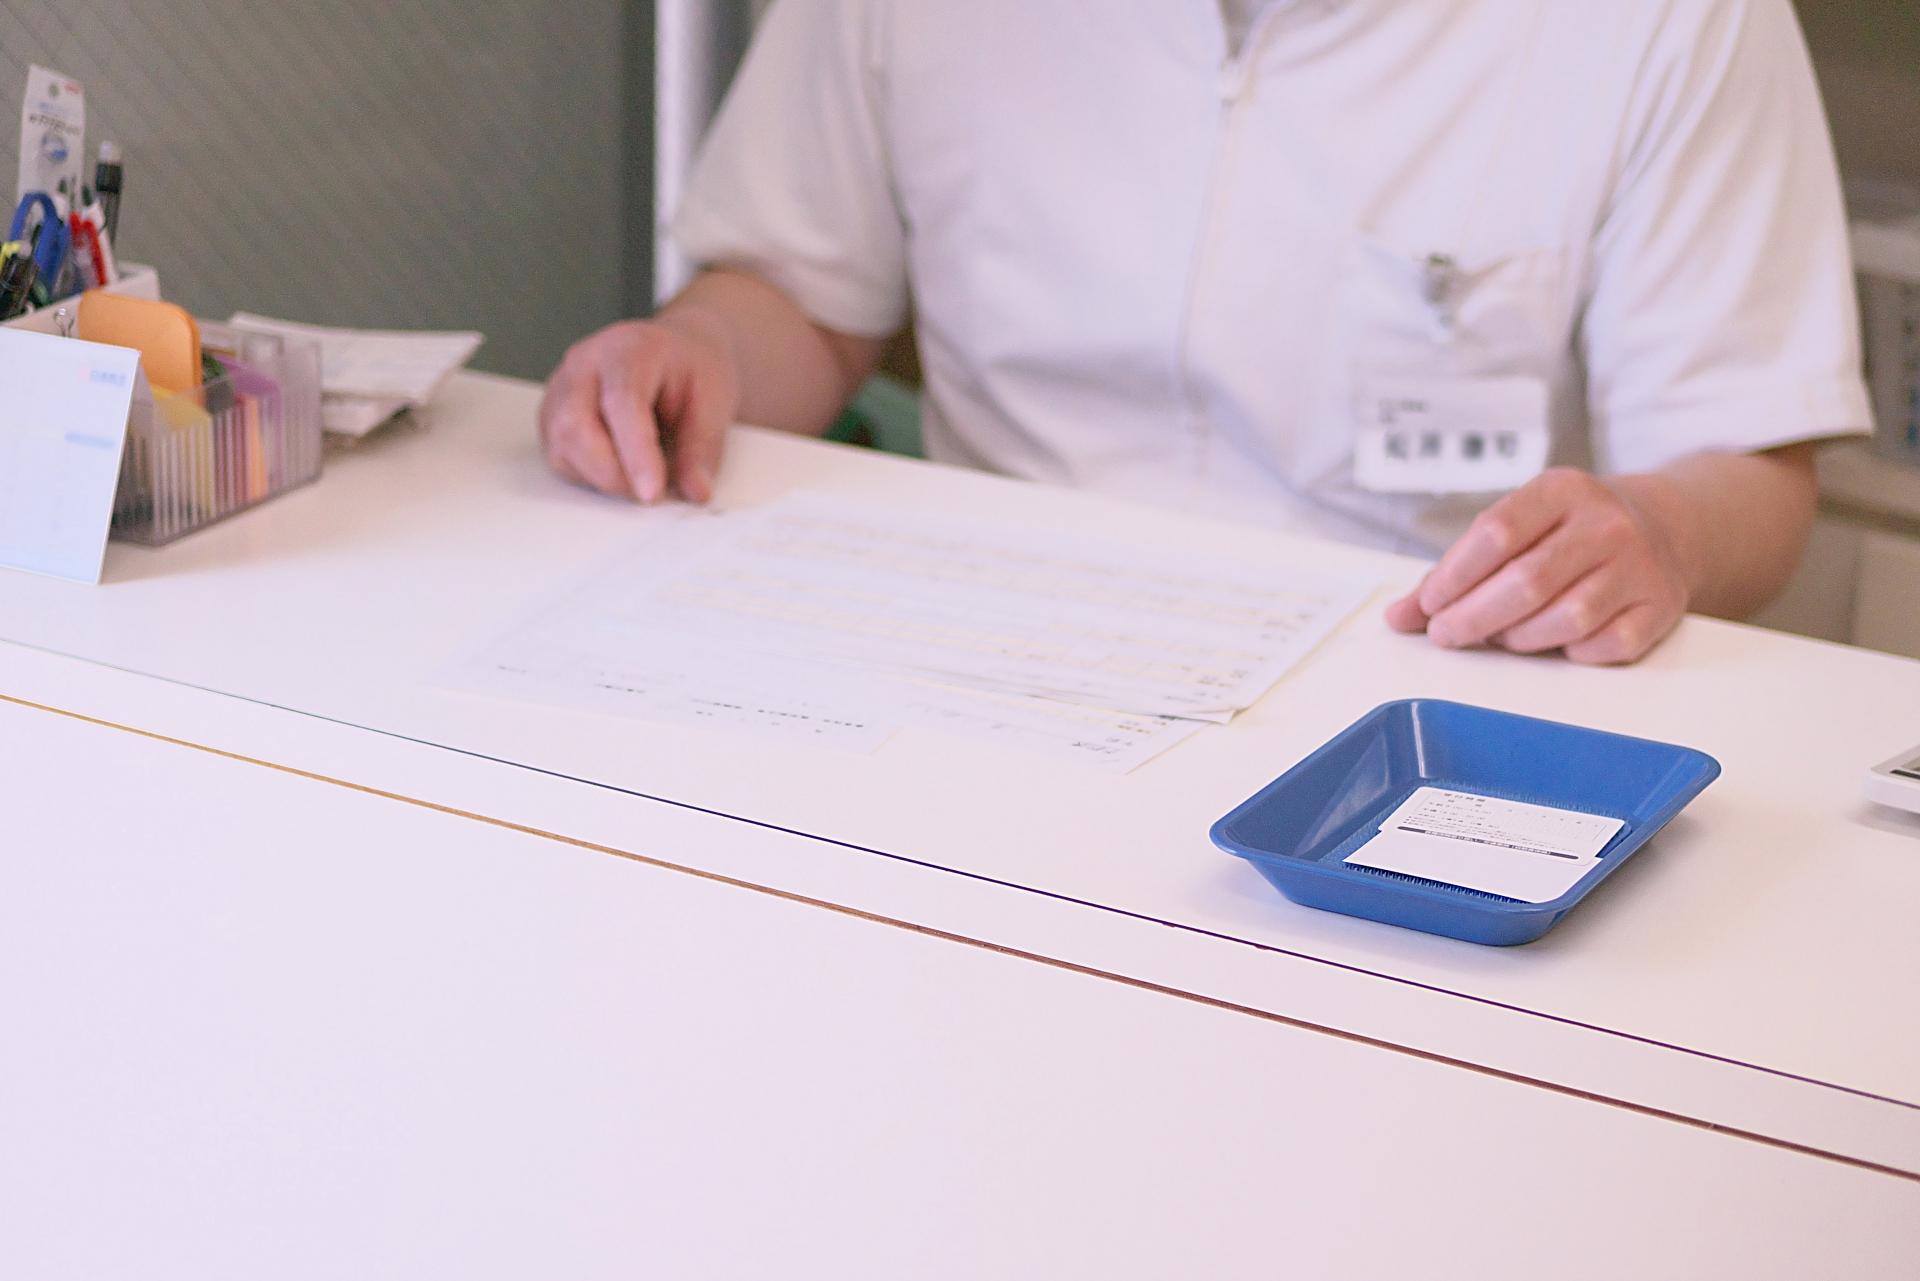 柔道整復 鍼灸 あん摩マッサージ指圧 療養費料金改定 運用開始